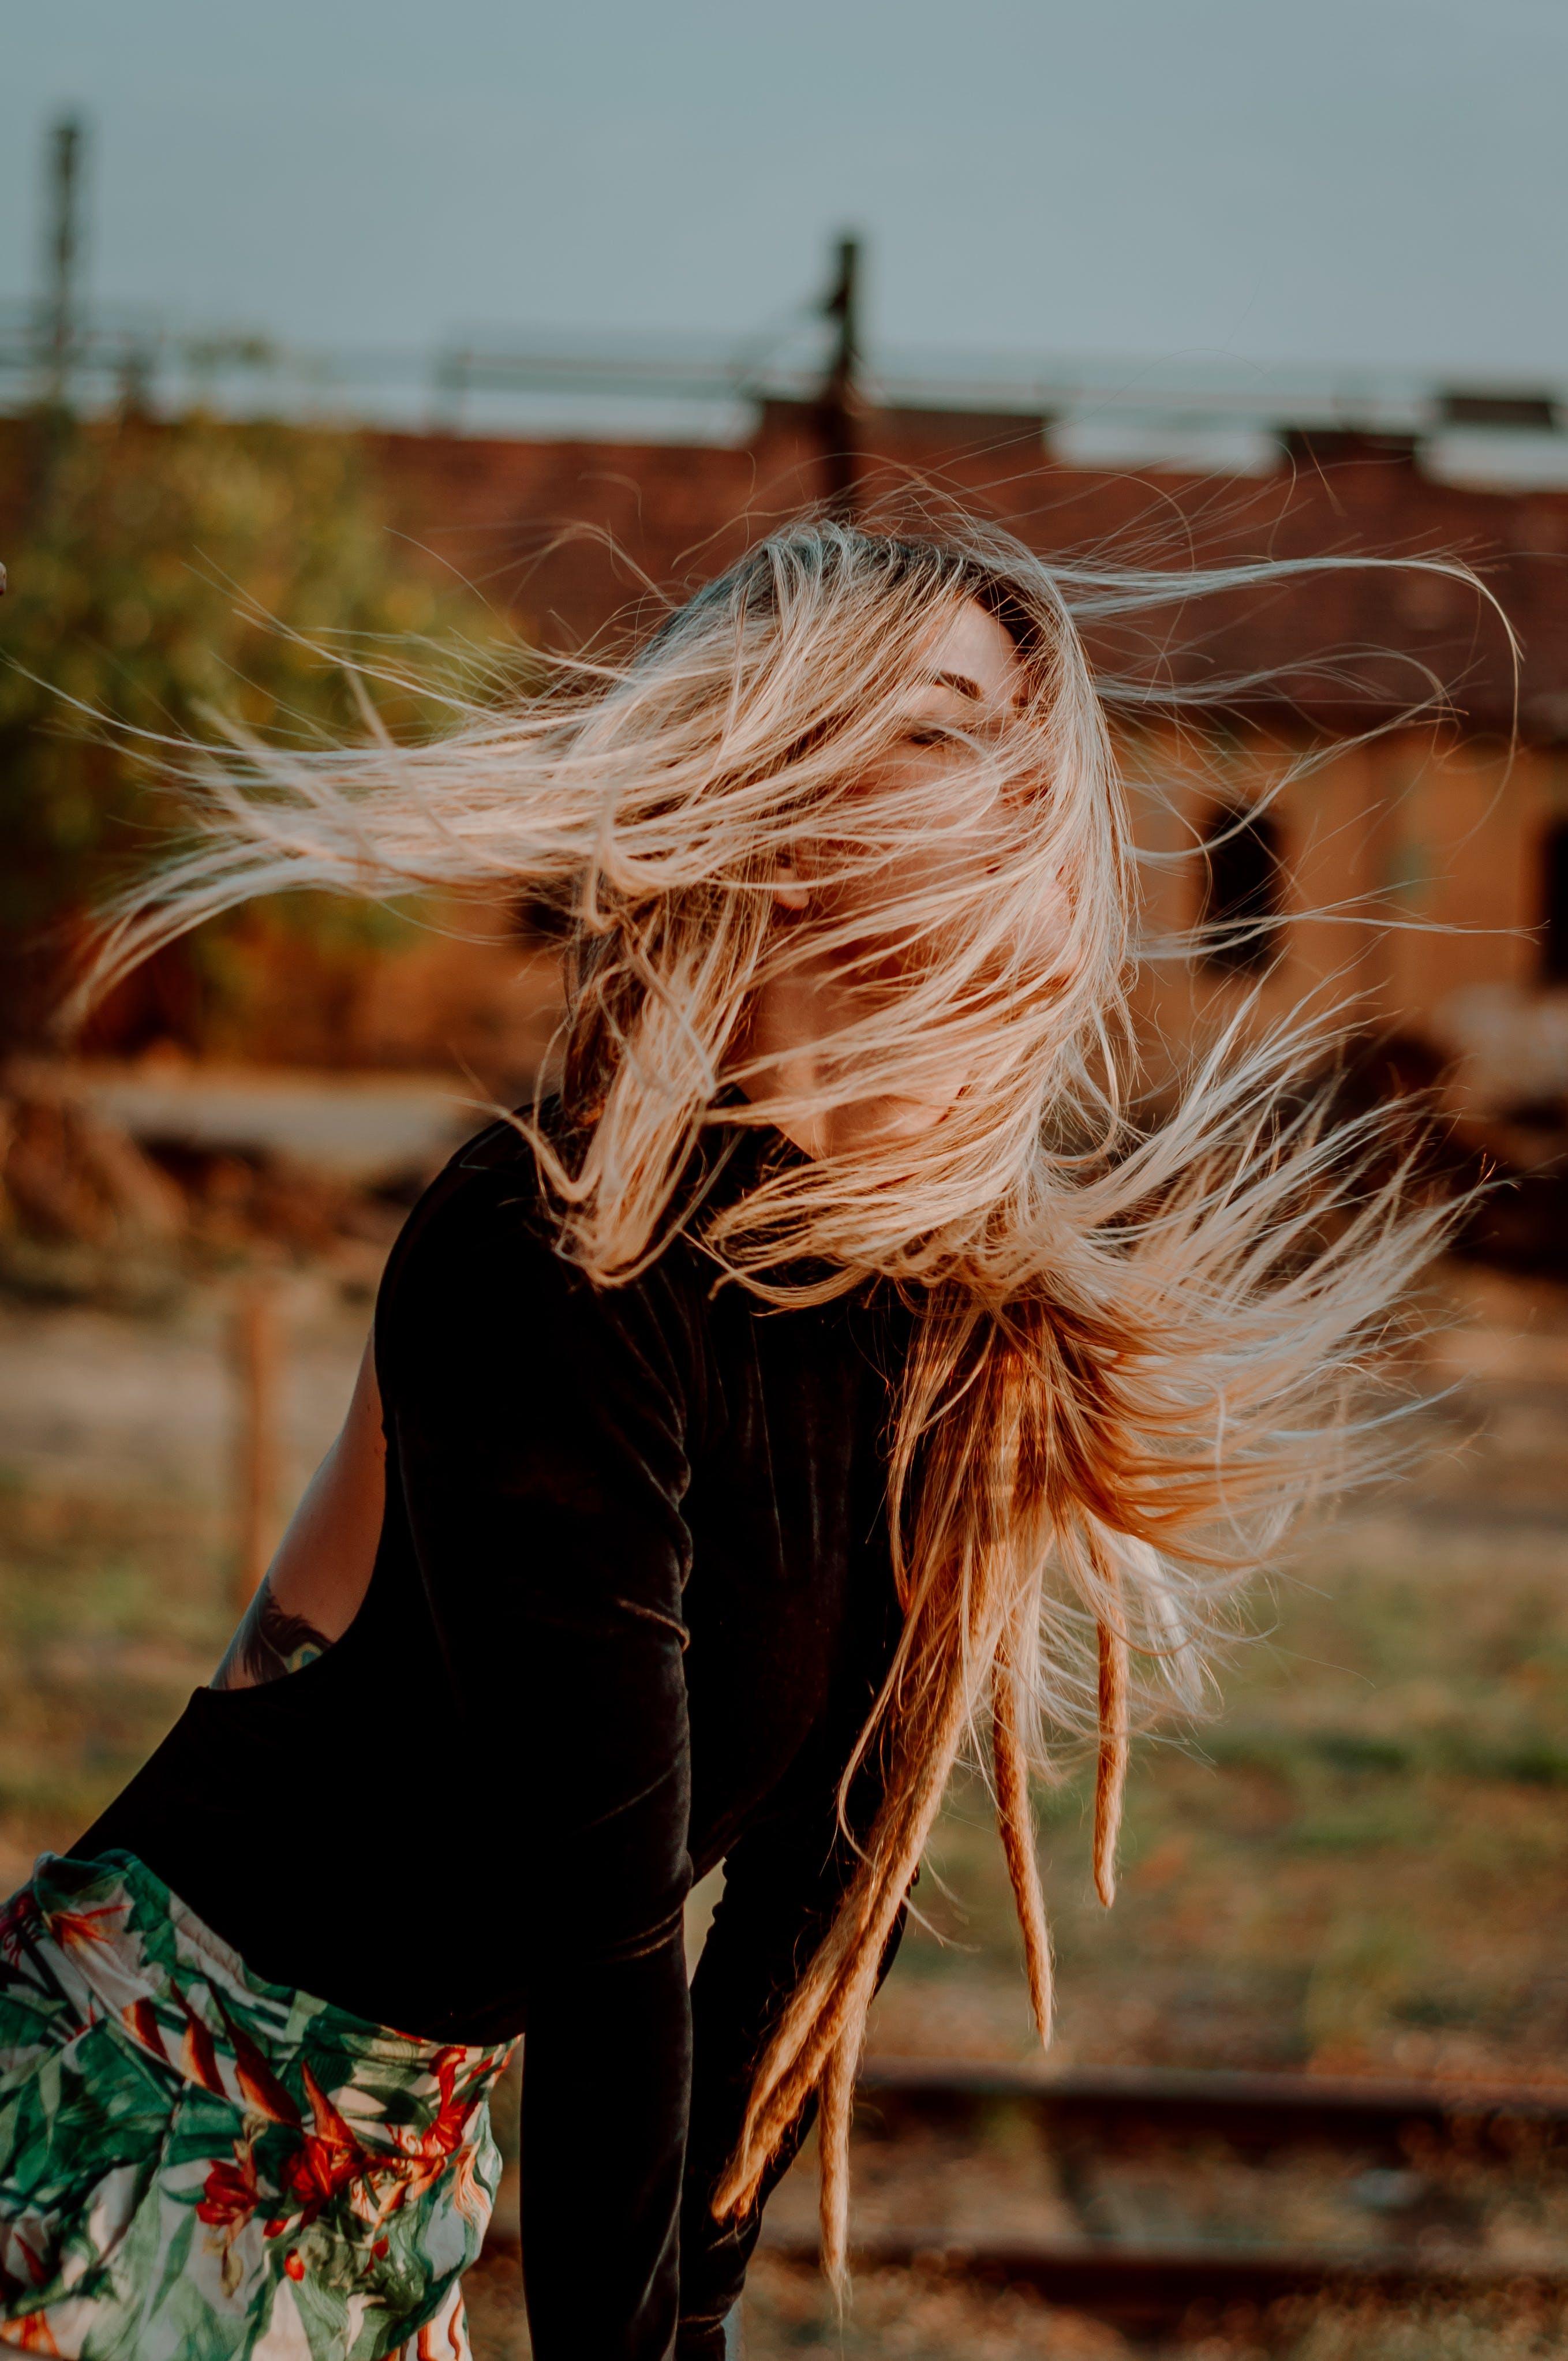 Kostenloses Stock Foto zu fashion, frau, haar, haare fliegen